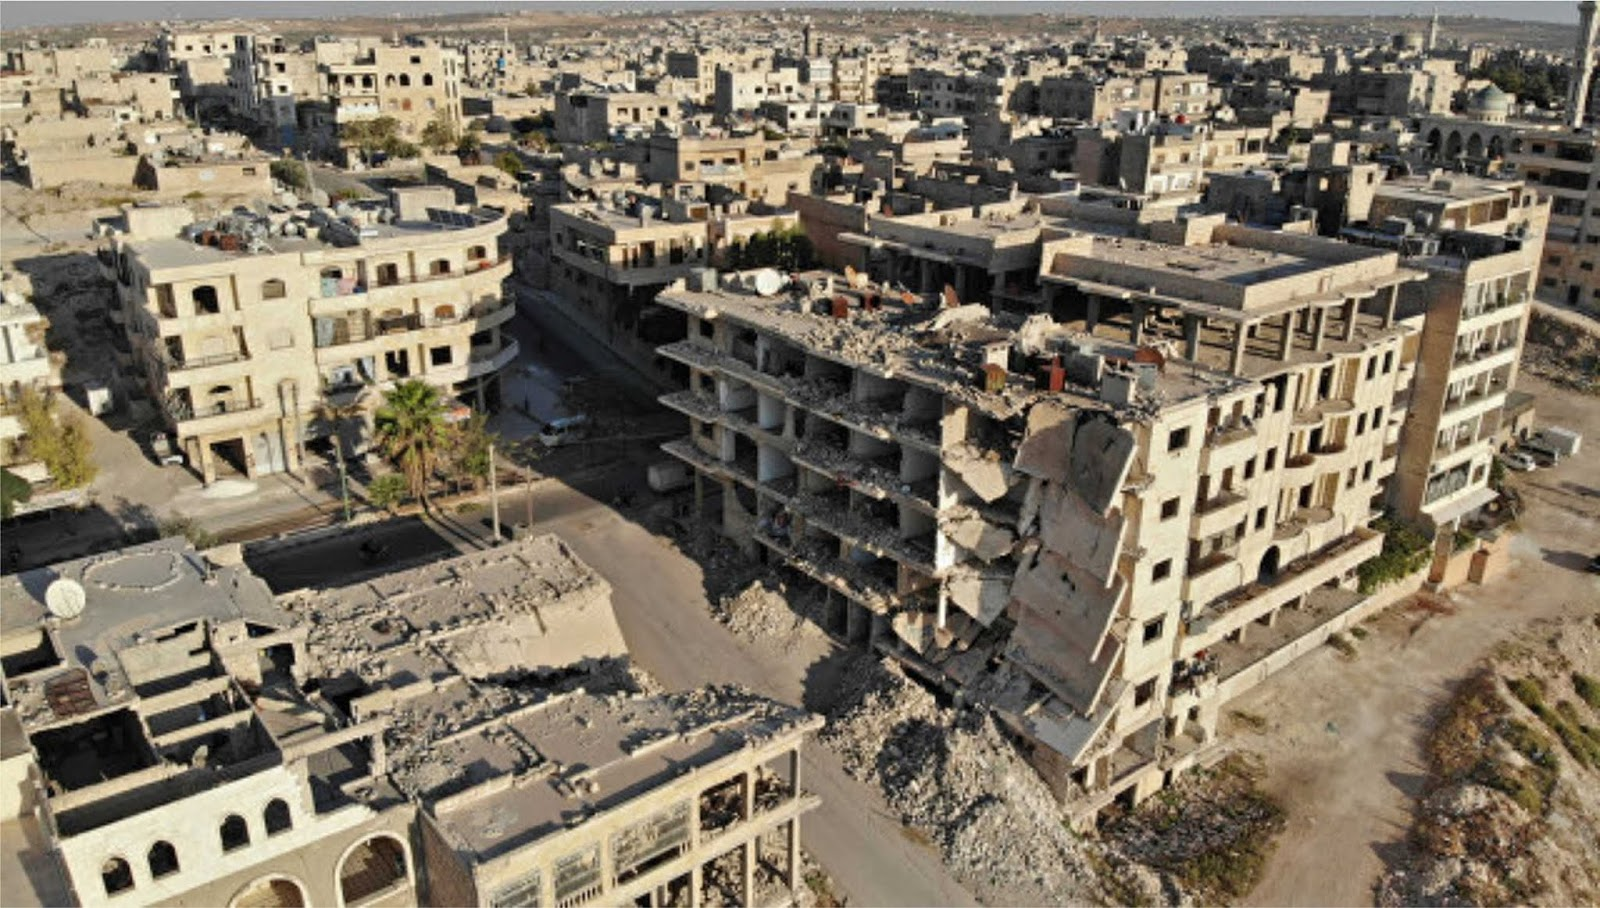 Turki menegaskan kembali kesiapannya untuk melakukan operasi baru di Suriah